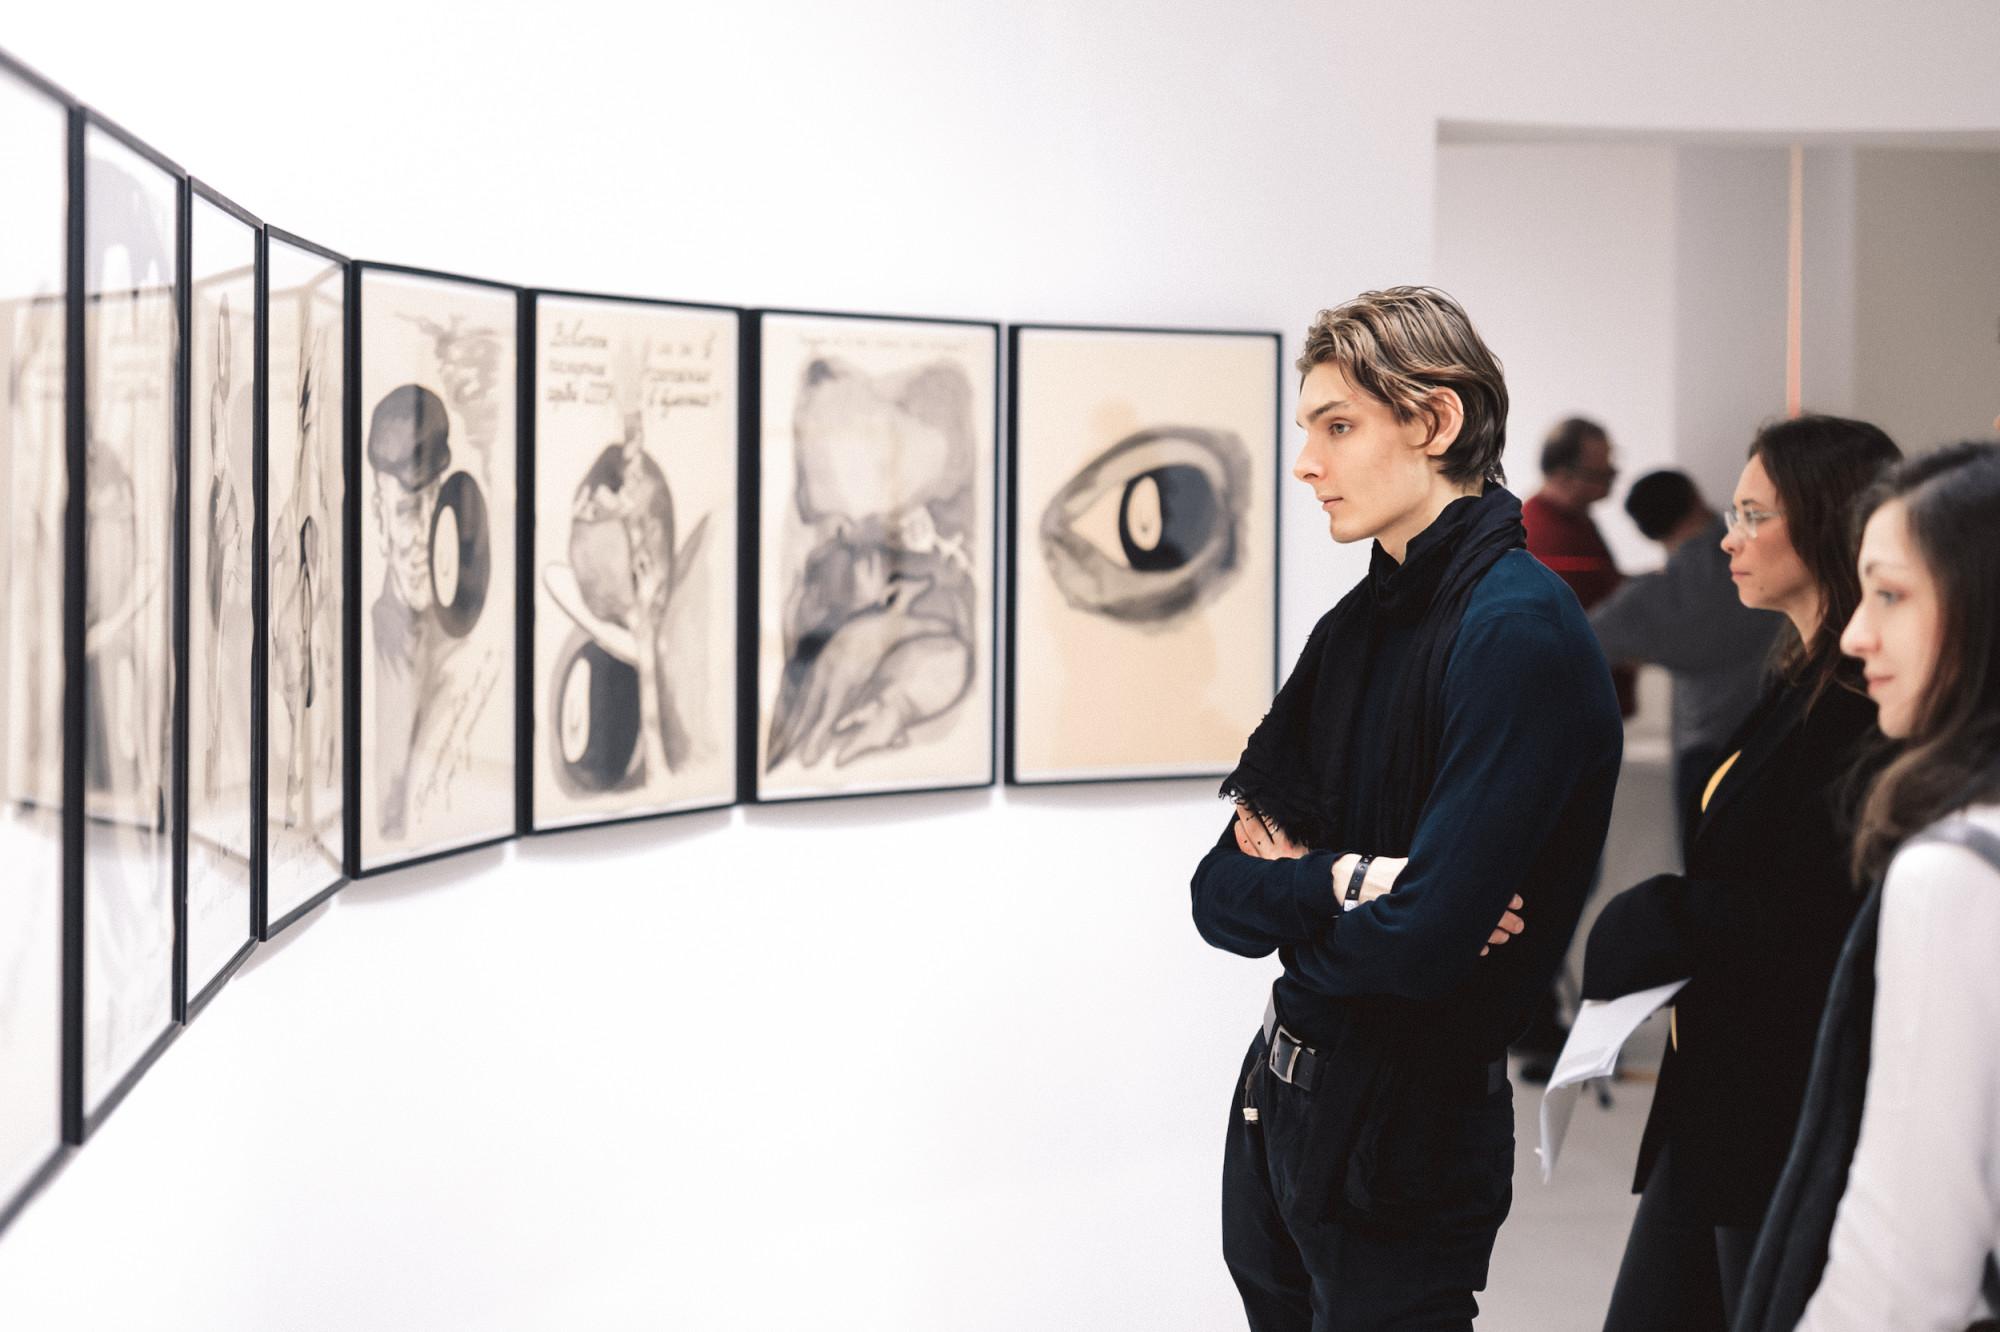 Фото: Иван Ерофеев | Музей современного искусства «Гараж»